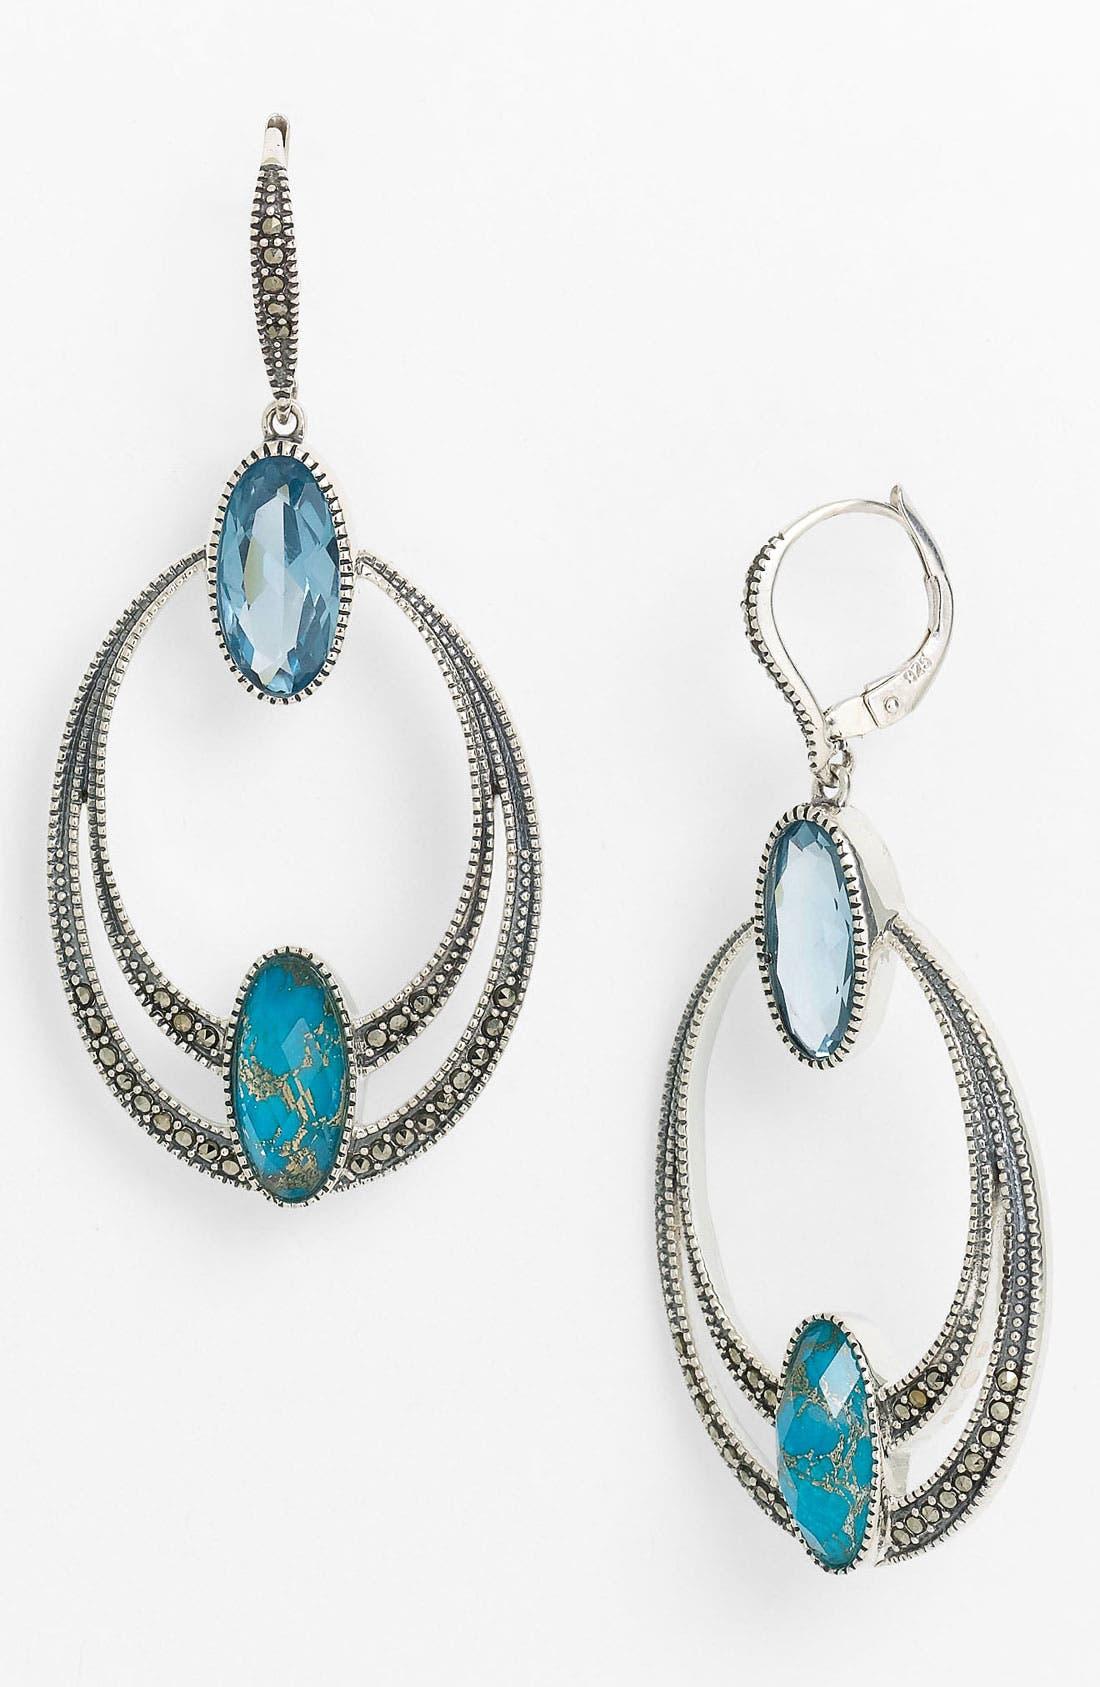 Main Image - Judith Jack Frontal Hoop Earrings